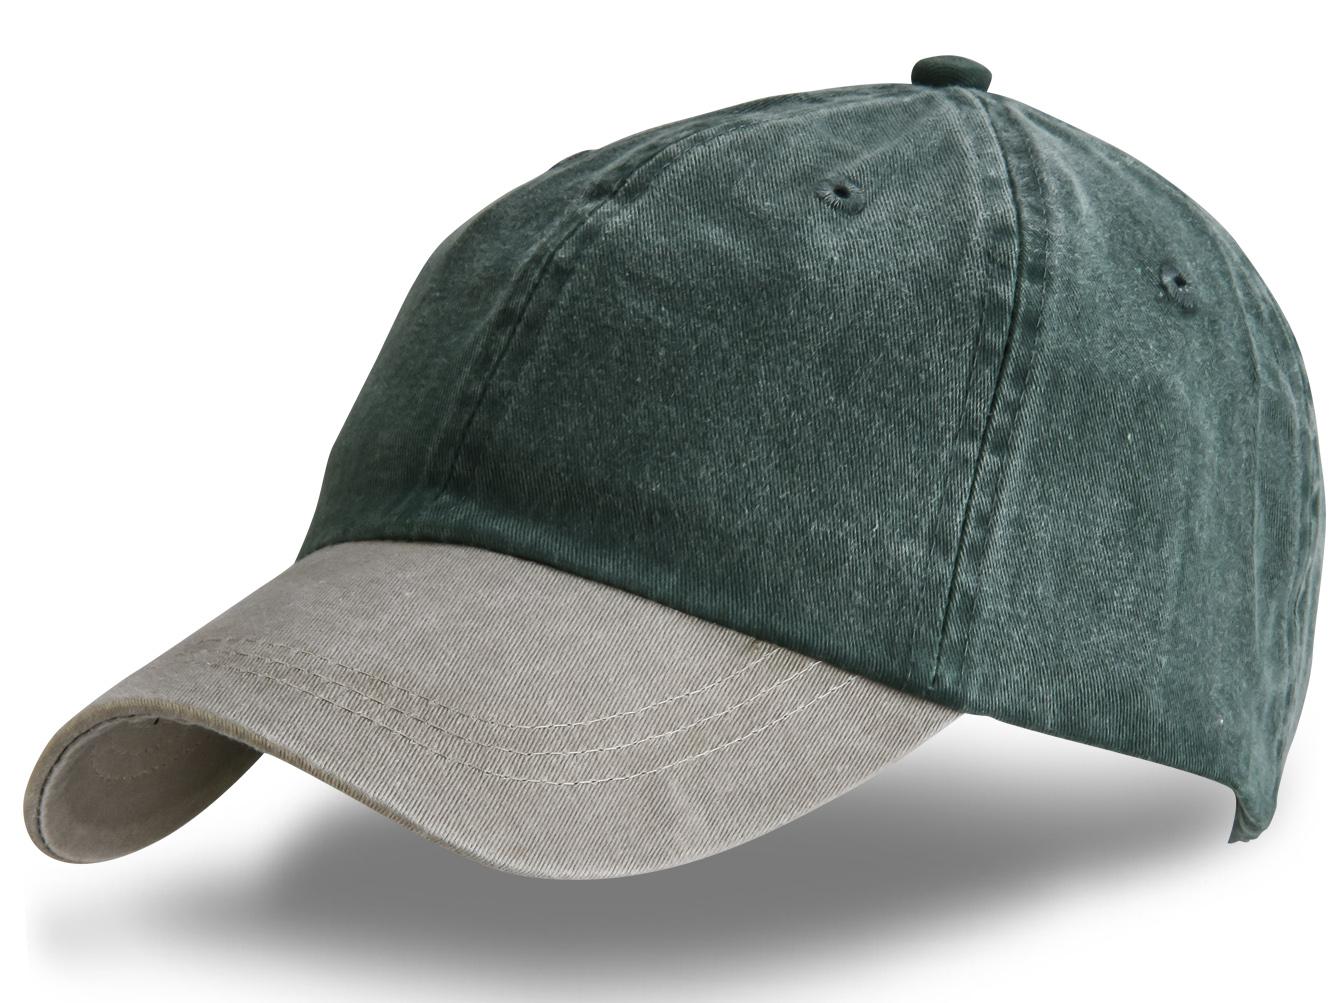 Серая джинсовая кепка - купить в интернет-магазине с доставкой